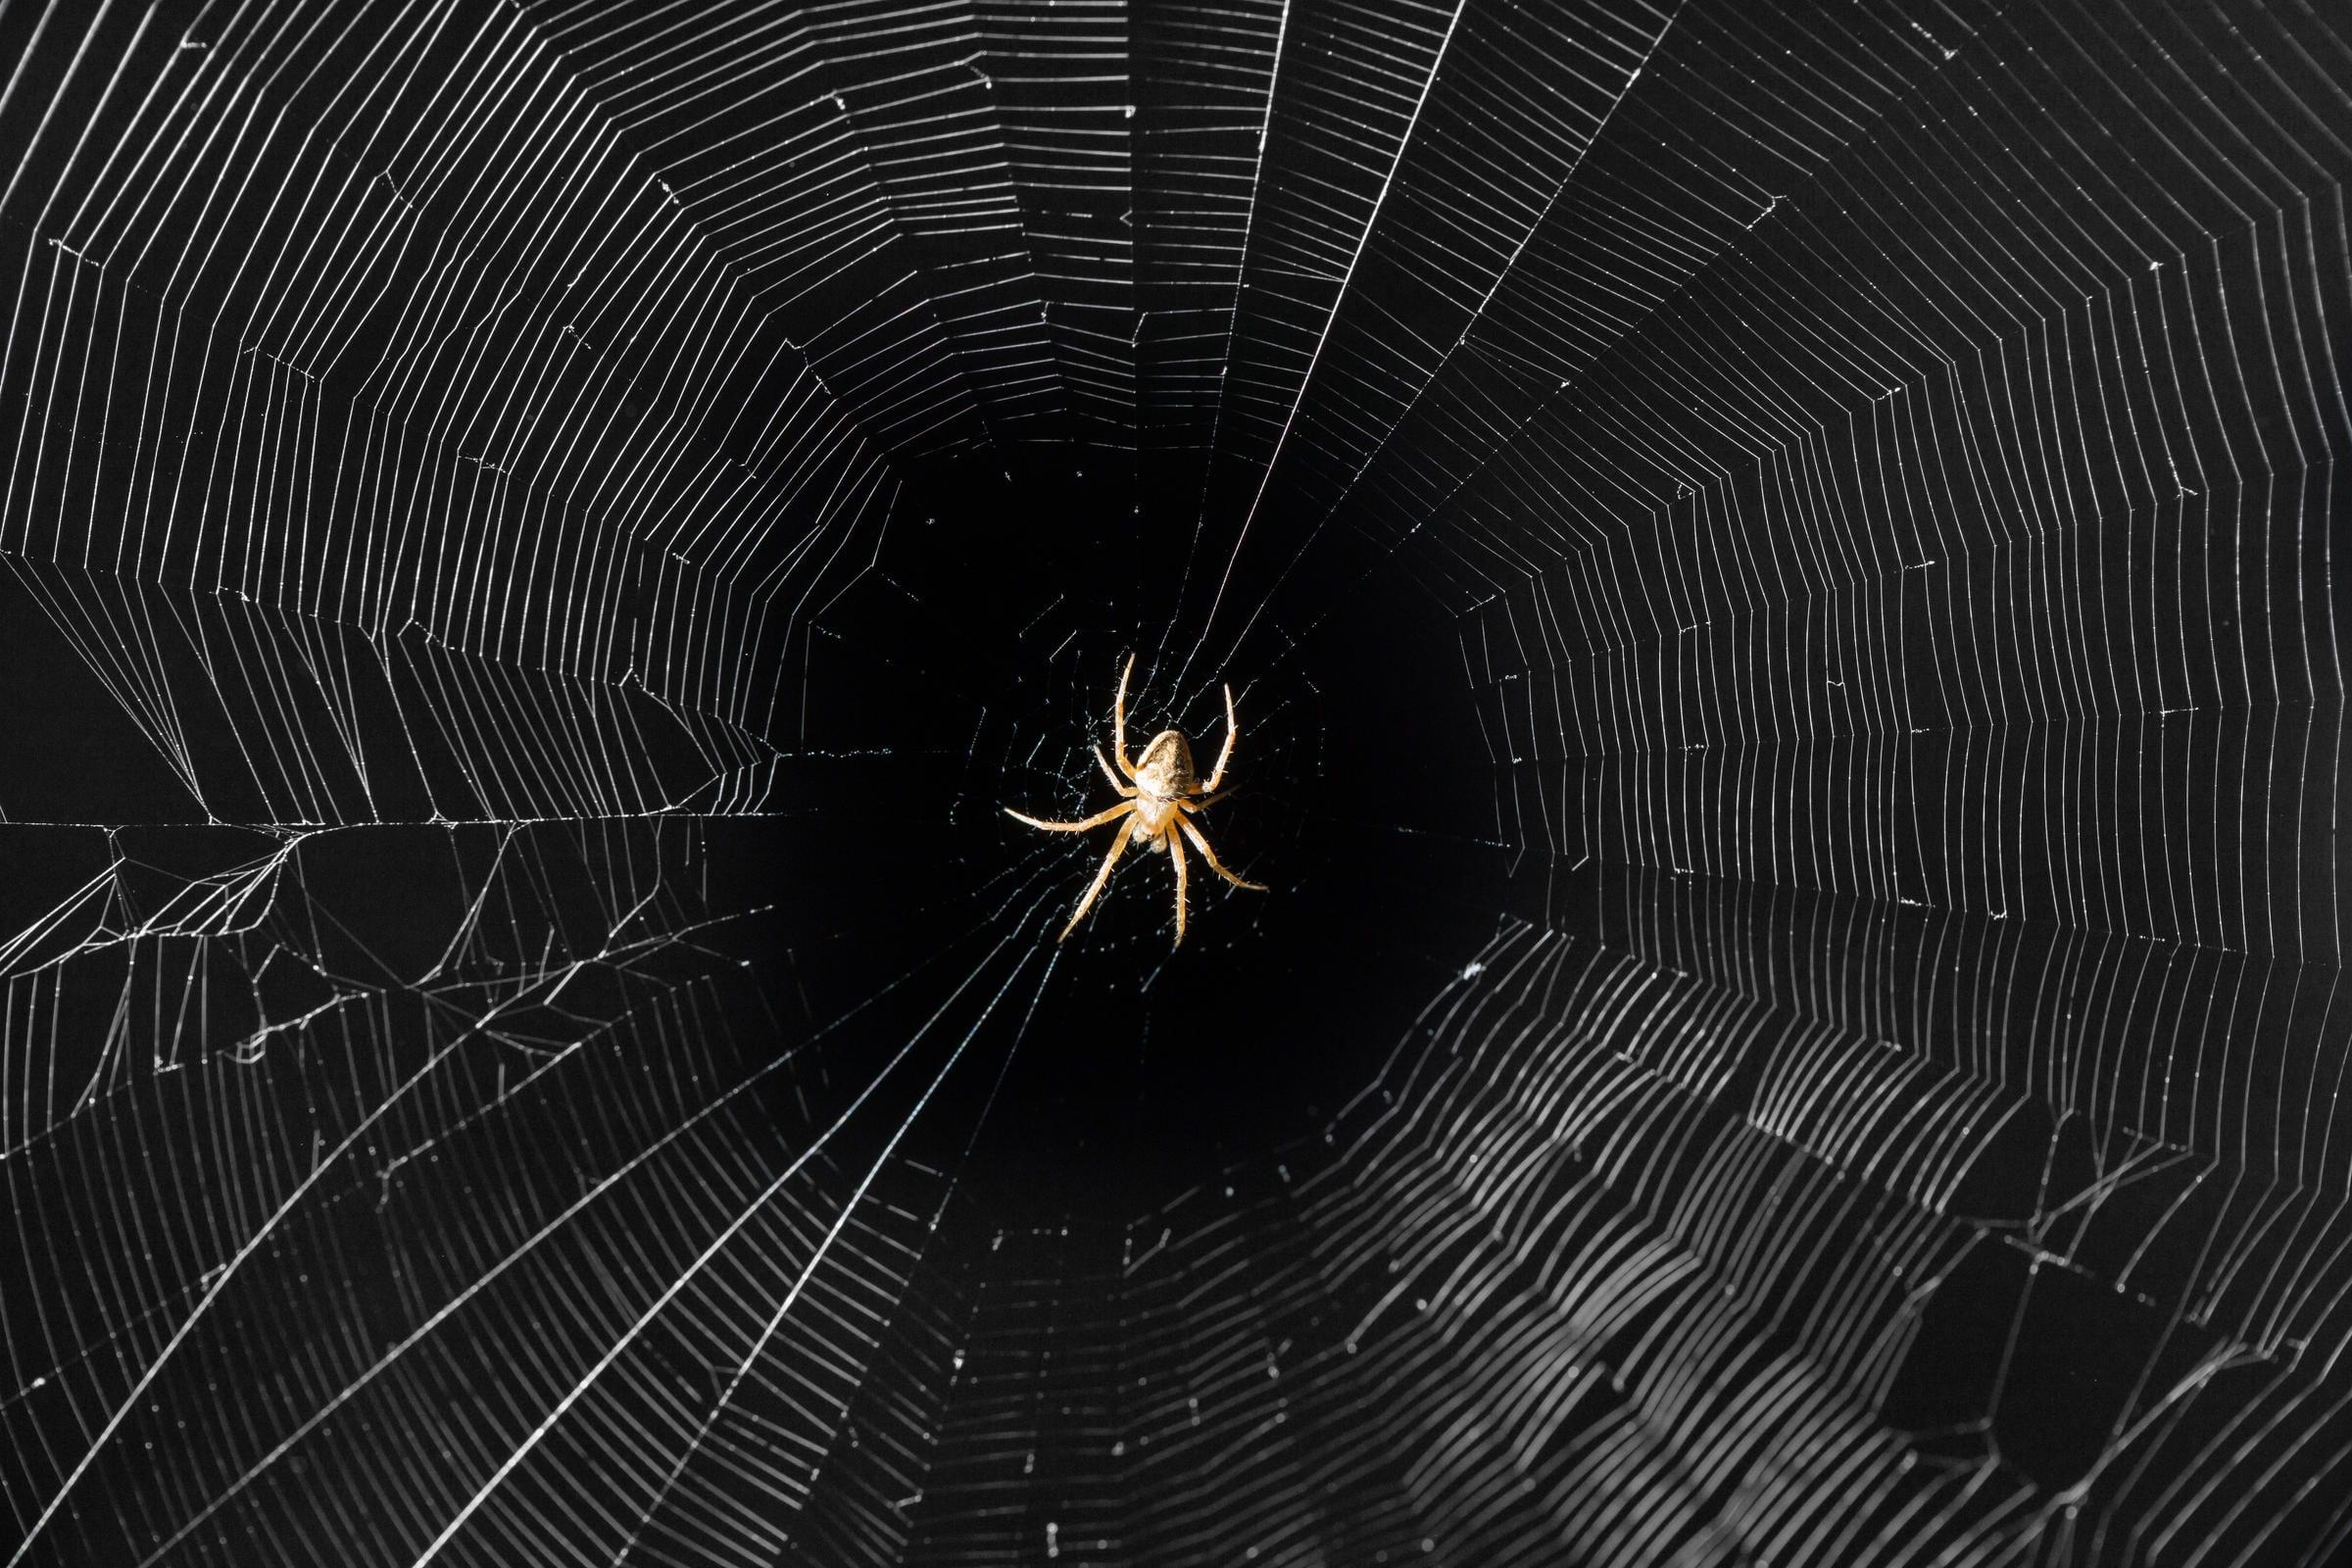 La tela del ragno